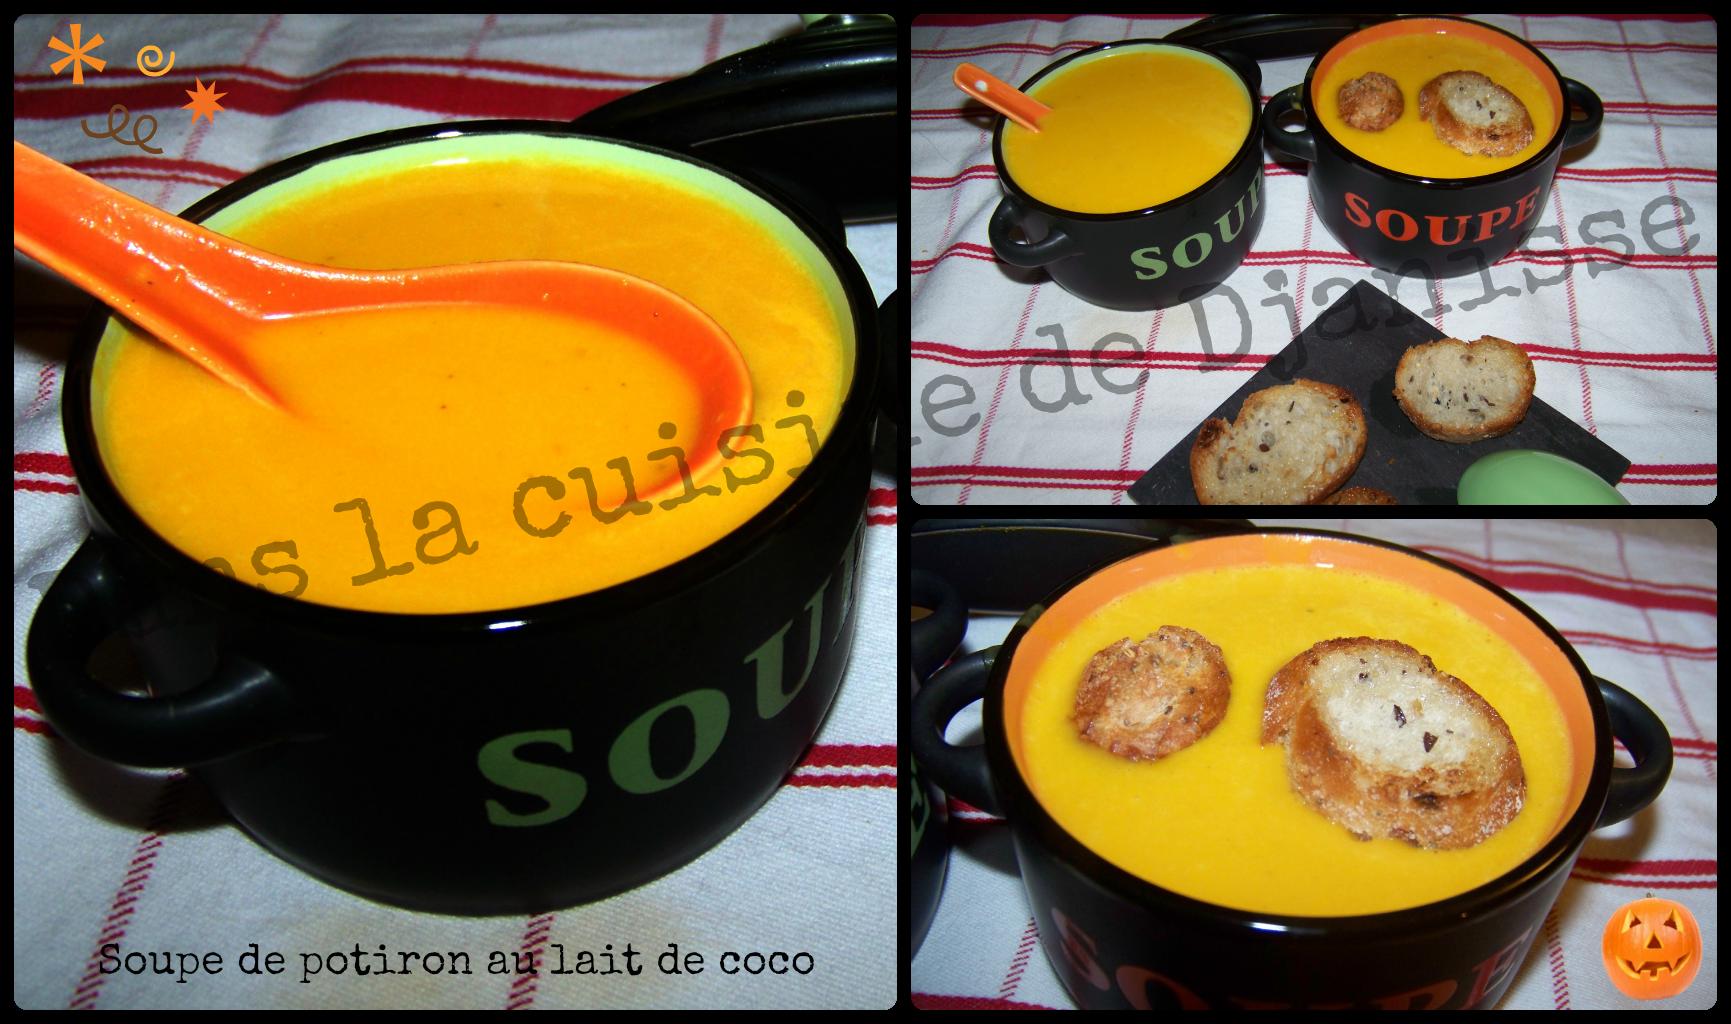 Soupe de potiron au lait de coco recette v g talienne - Soupe potiron lait de coco curry ...